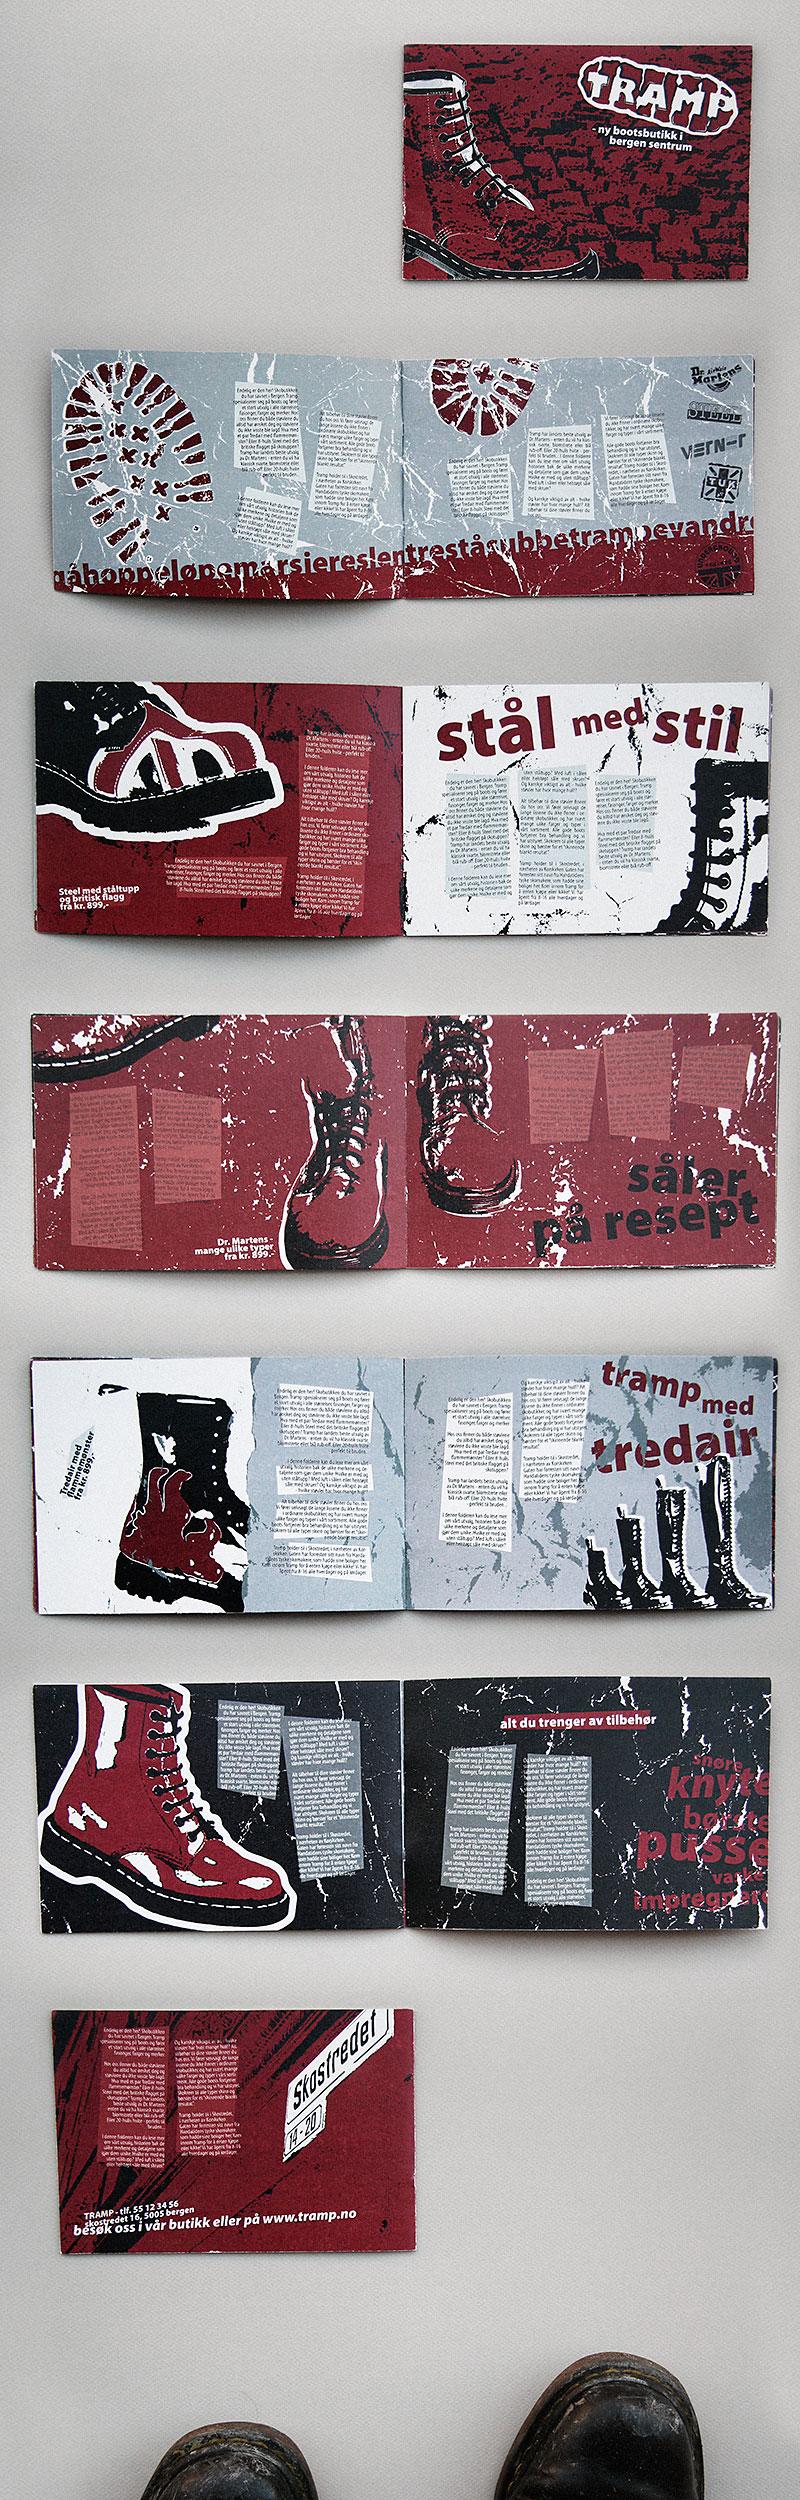 Boots shop brochure / crayoncrisis.com